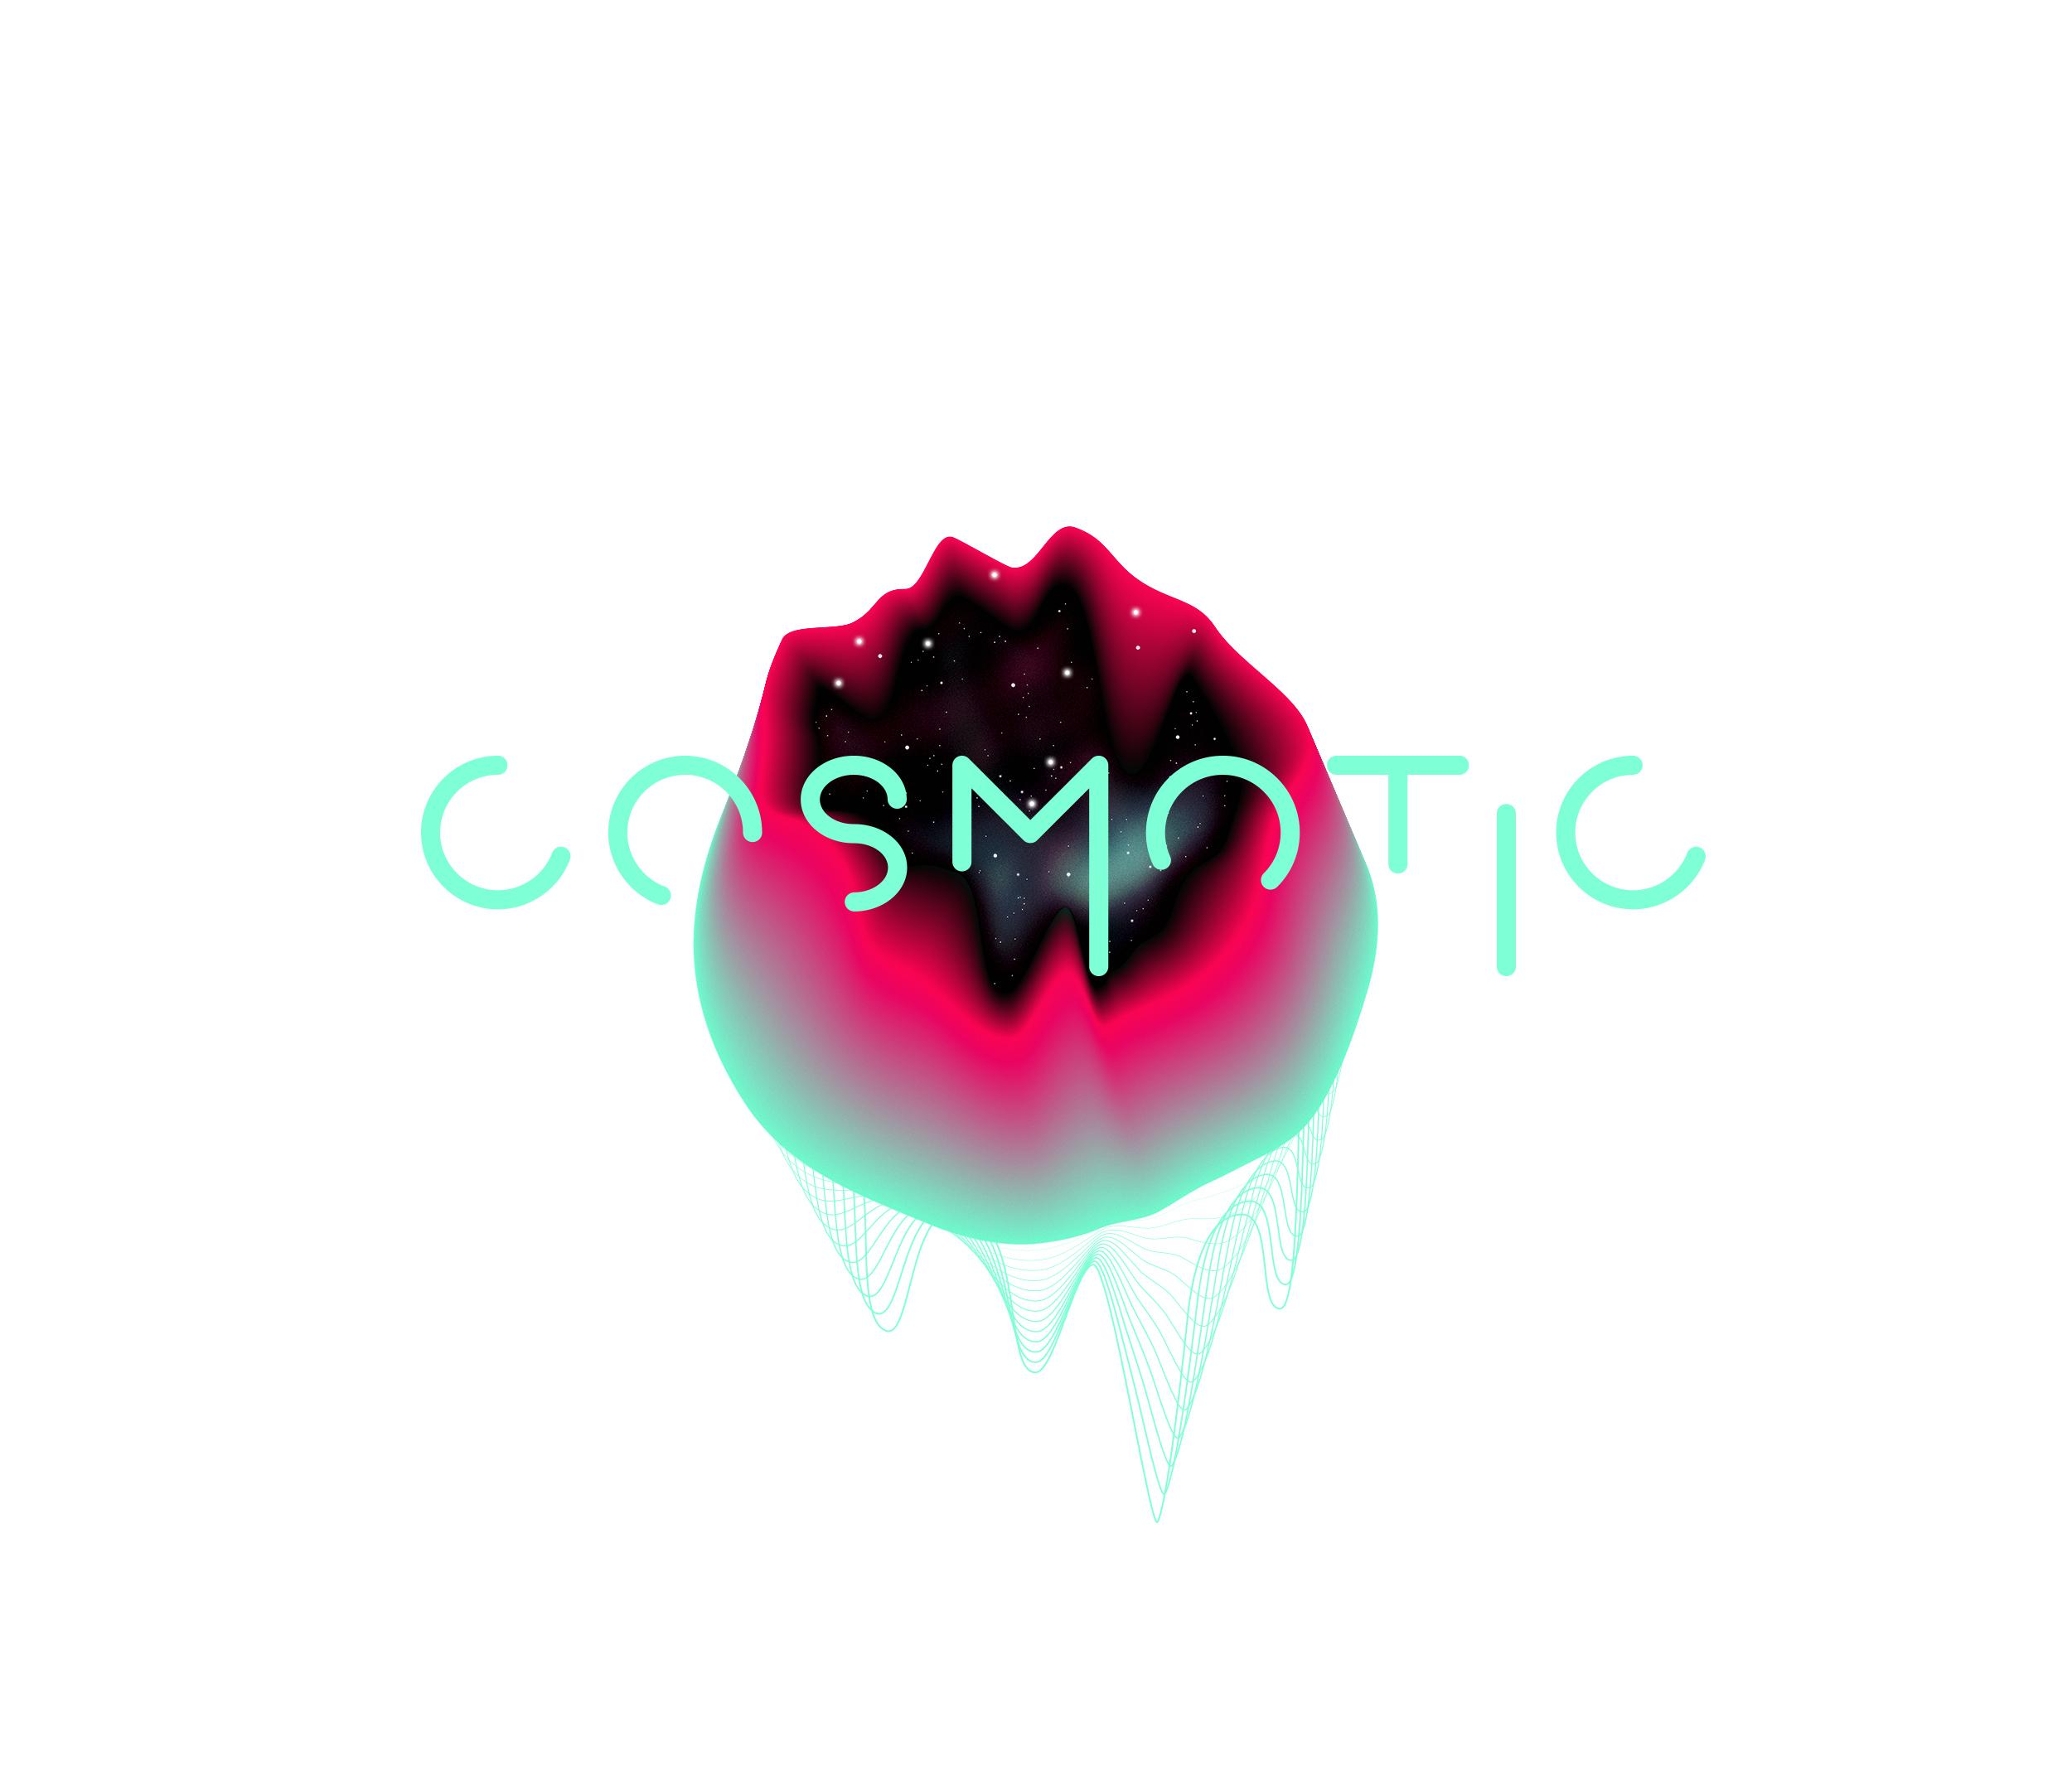 cosmotic_logo_white_background_2016